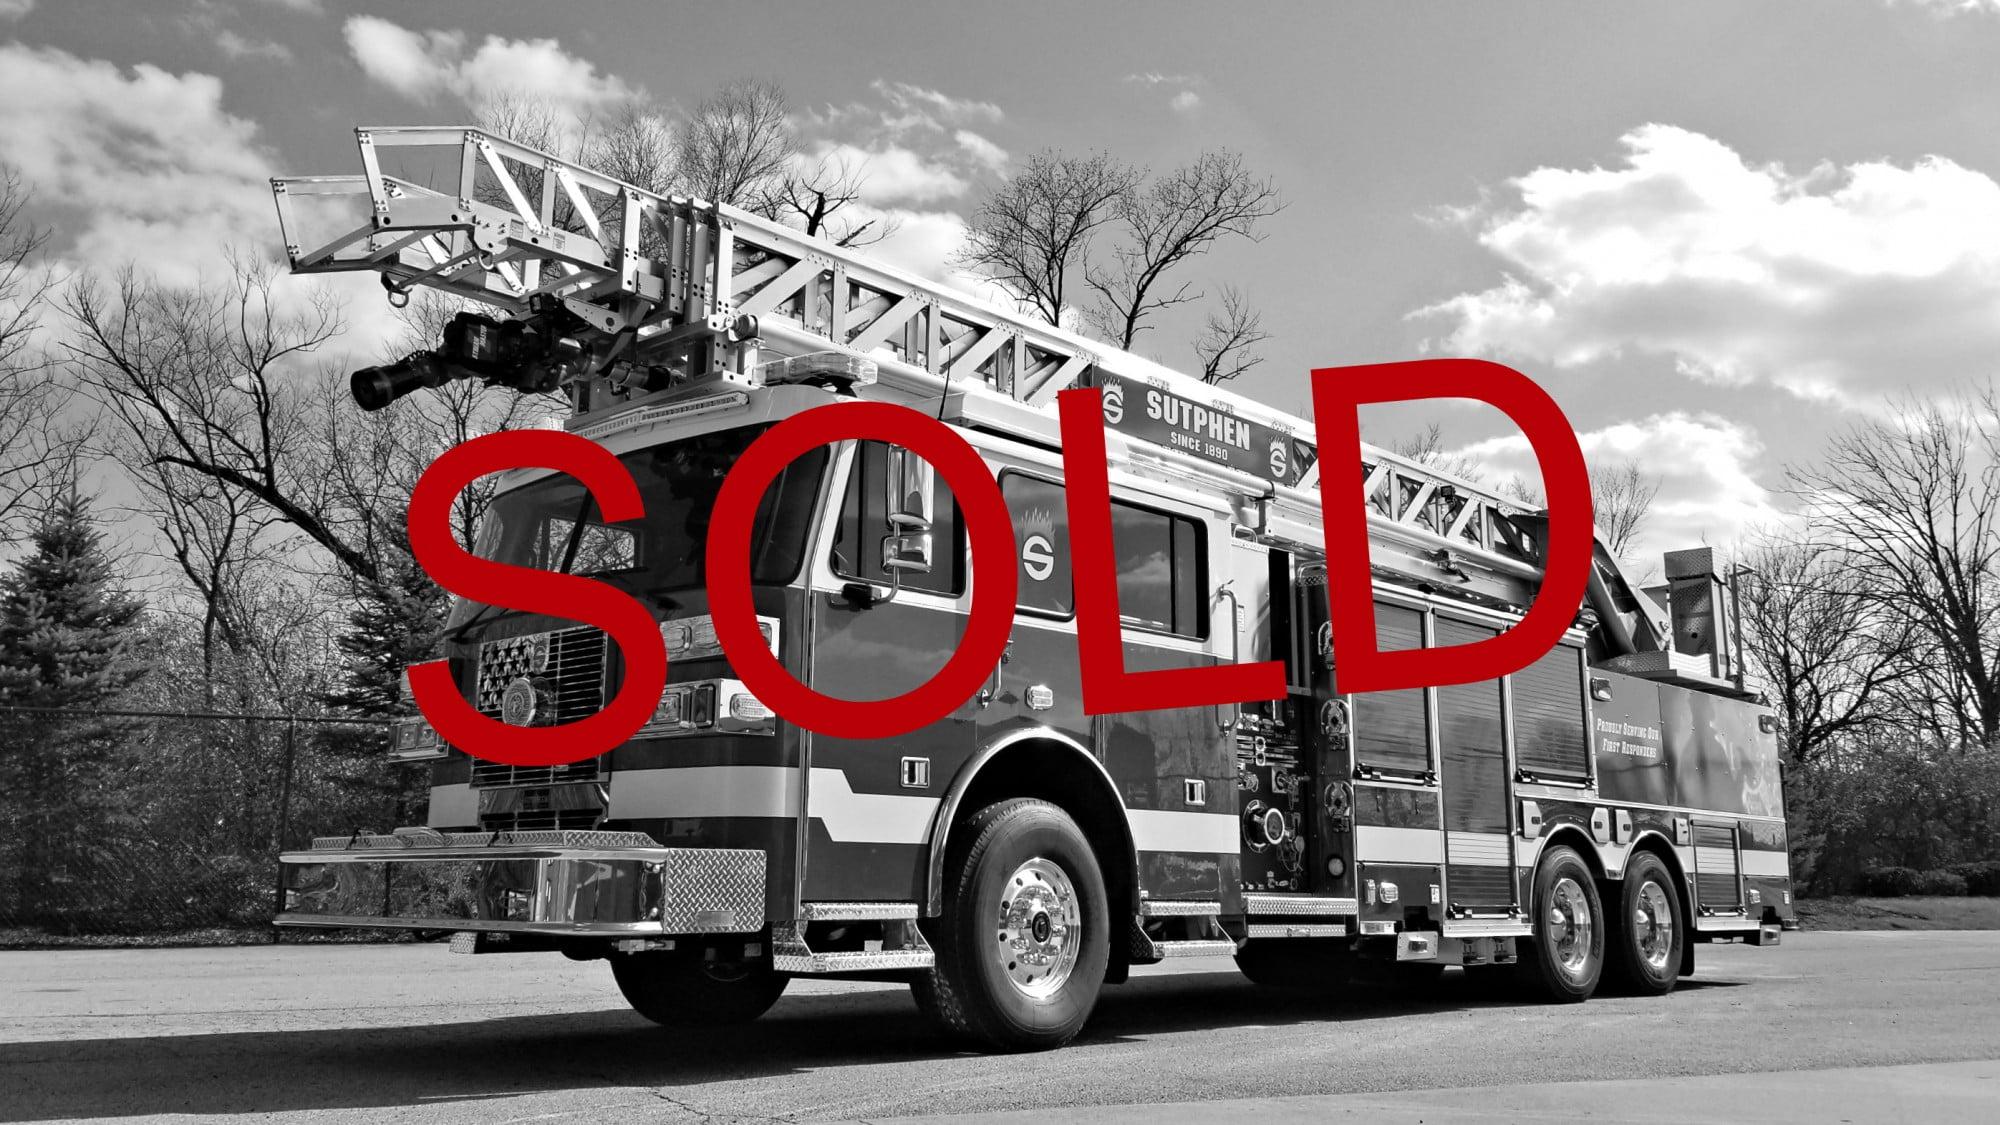 slr-108-sold-